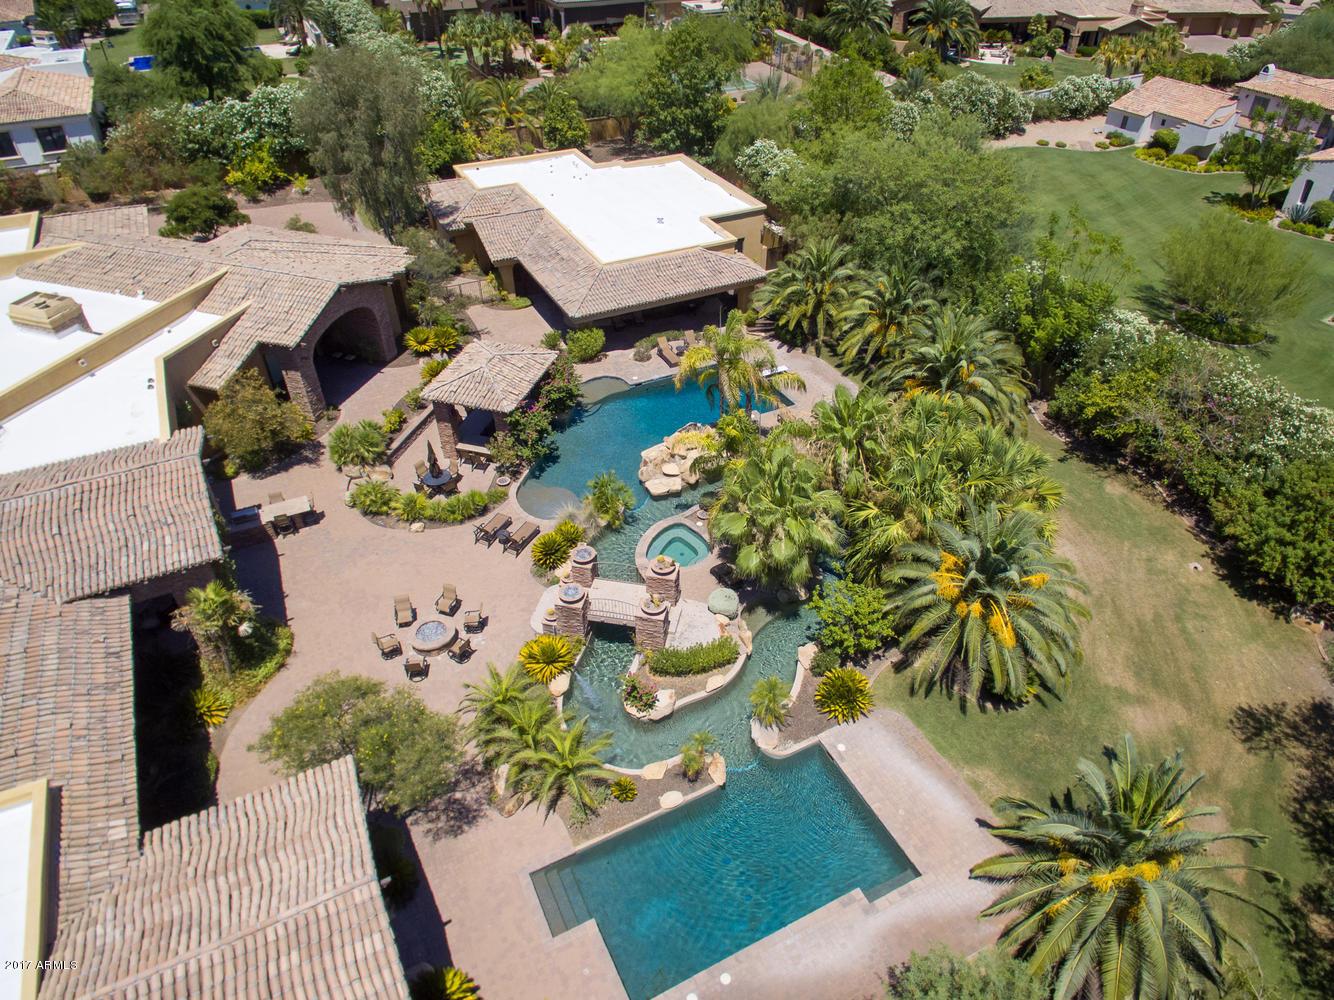 MLS 6149217 5030 E MOCKINGBIRD Lane, Paradise Valley, AZ 85253 Paradise Valley AZ Luxury